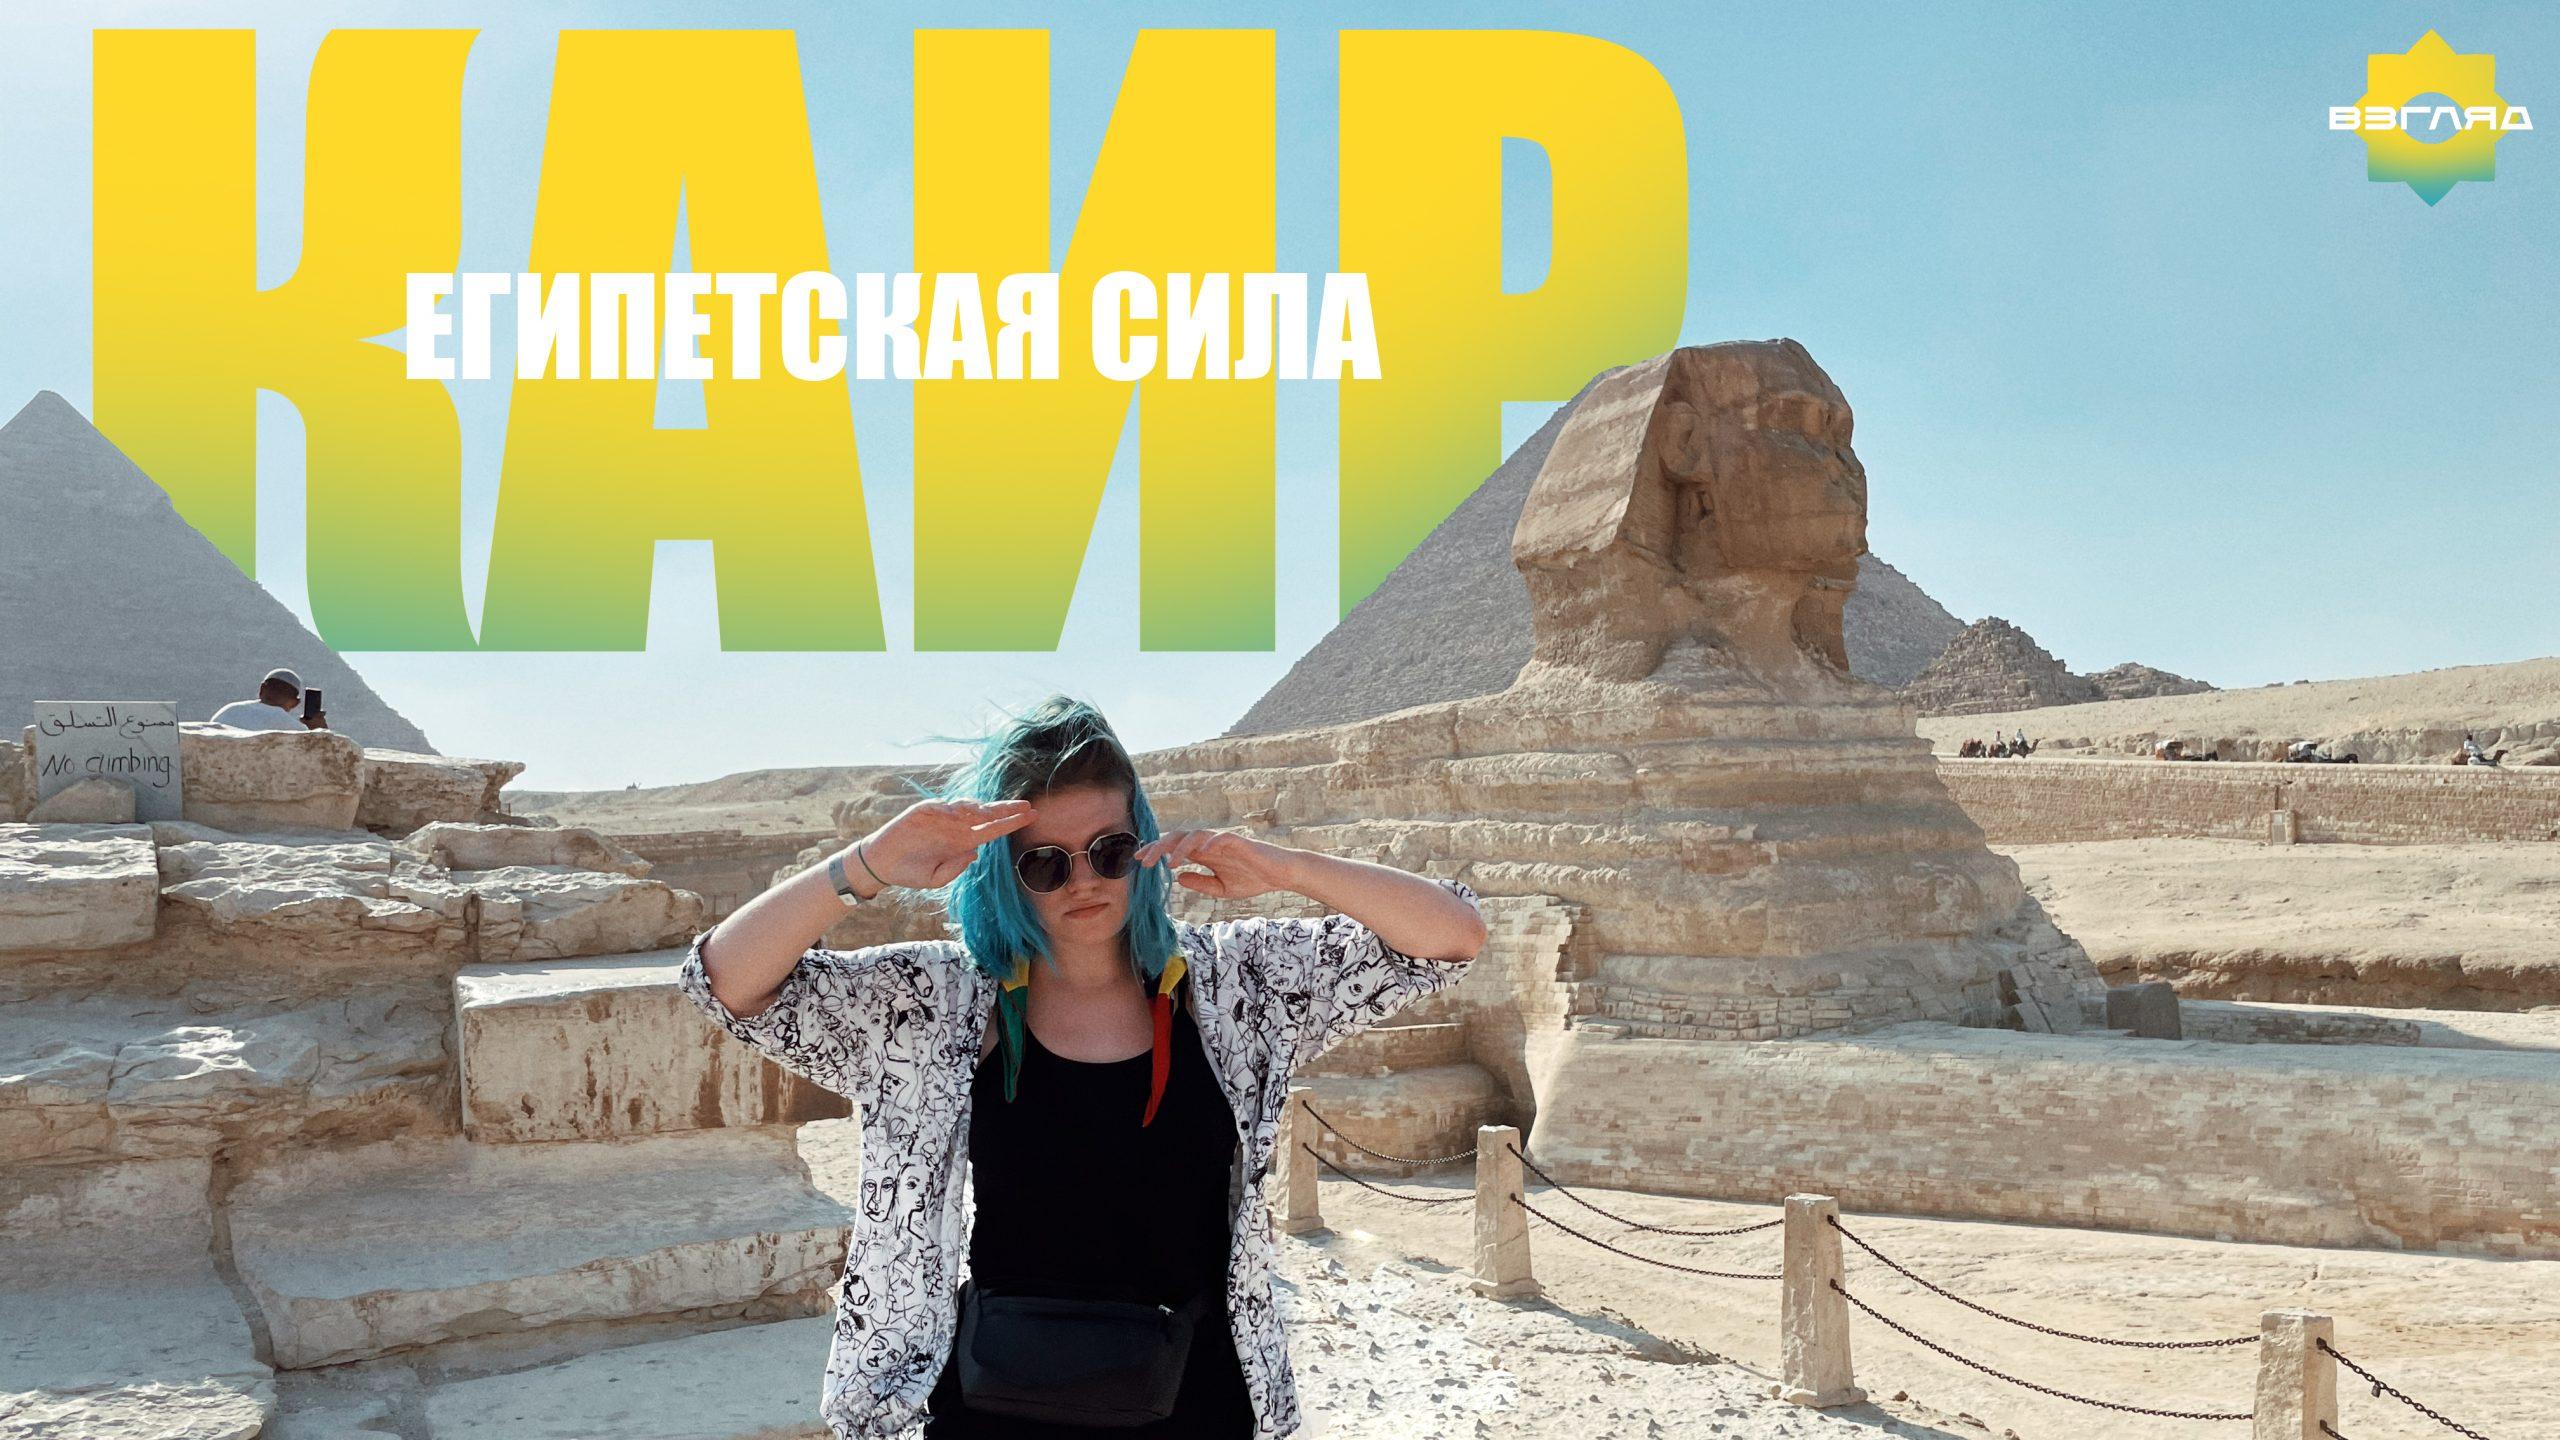 Сфотографироваться на фоне пирамид Хеопса за $50? Великаны, которые построили 8-е чудо света? Разгадываем таинственные загадки Каира